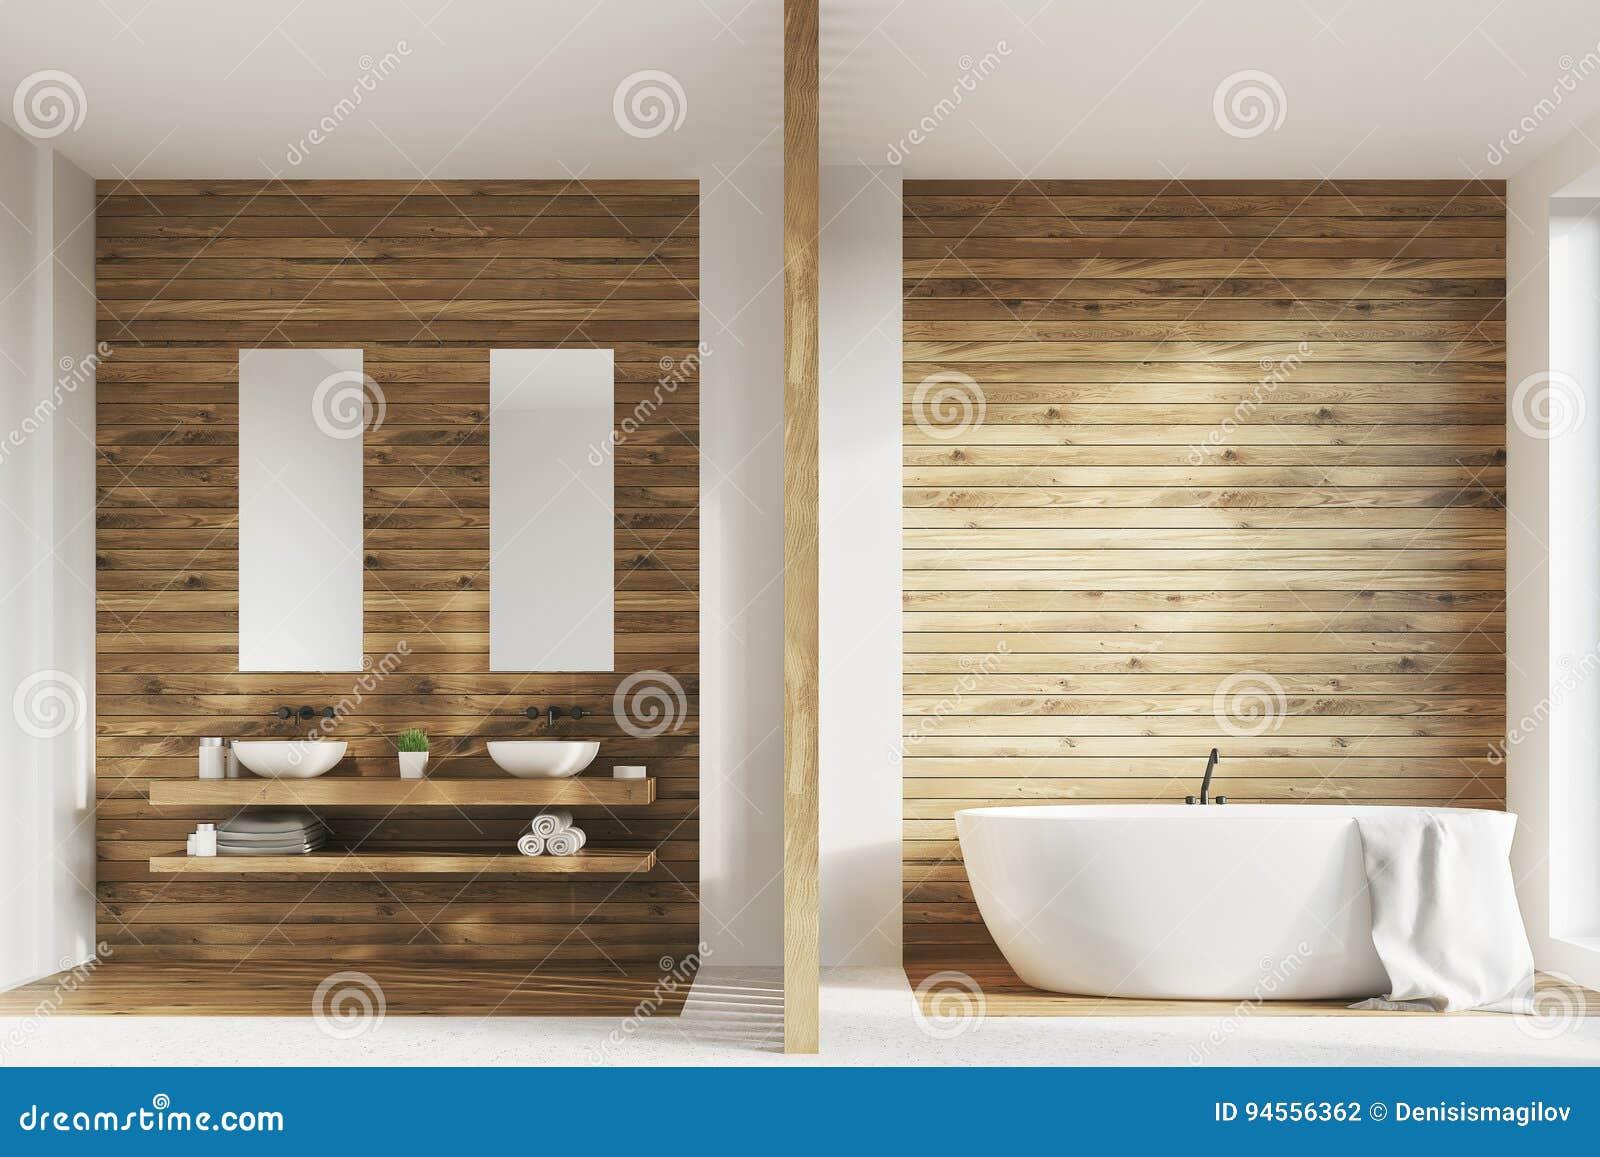 houten badkamers twee gootstenen affiches